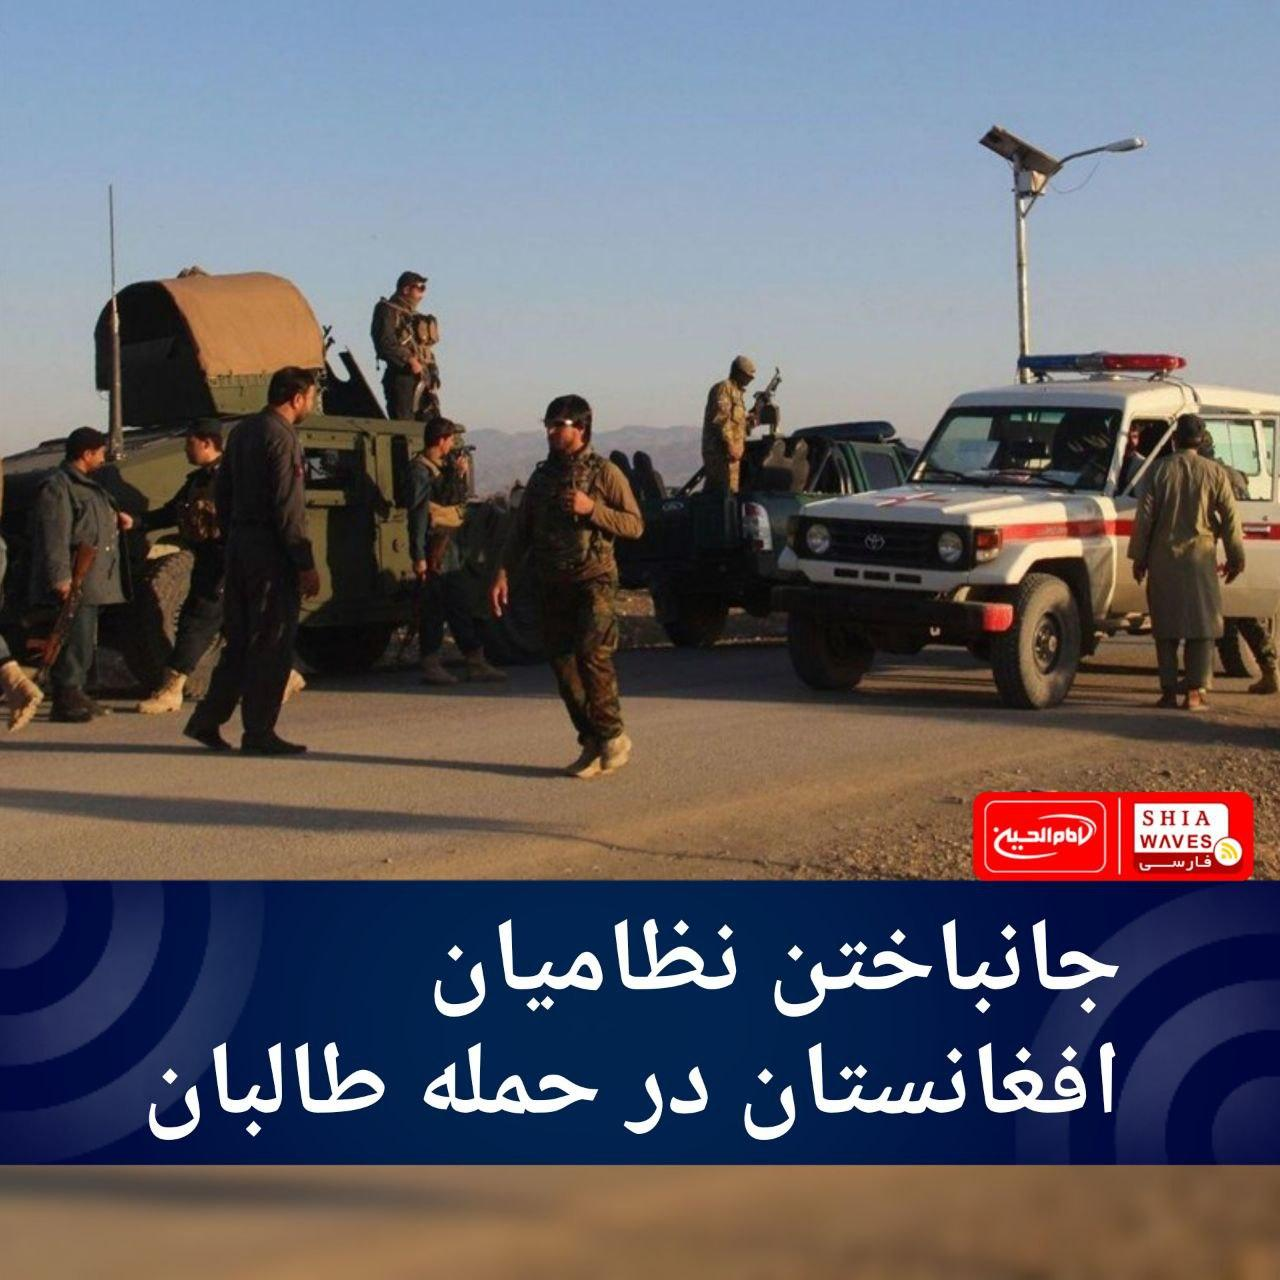 تصویر جانباختن نظامیان افغانستان در حمله طالبان